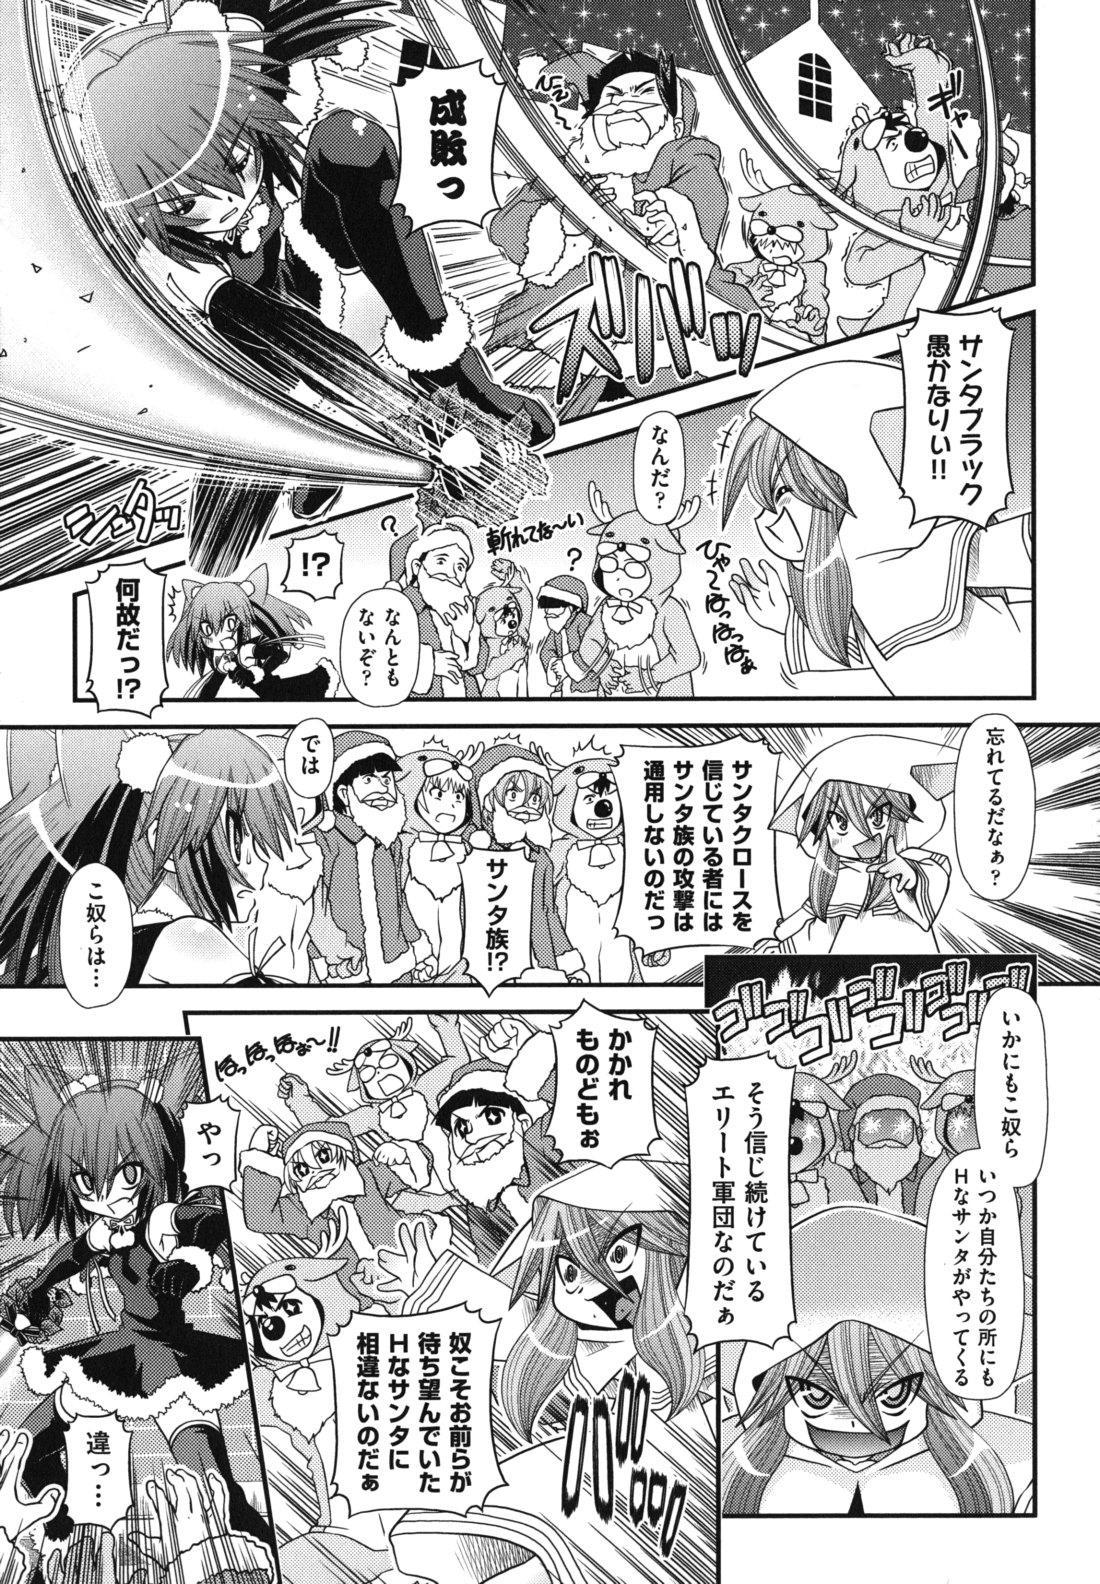 Twintail de Kneesocks no Onnanoko tachi ga Kyakkya de Ufufu♥ 105